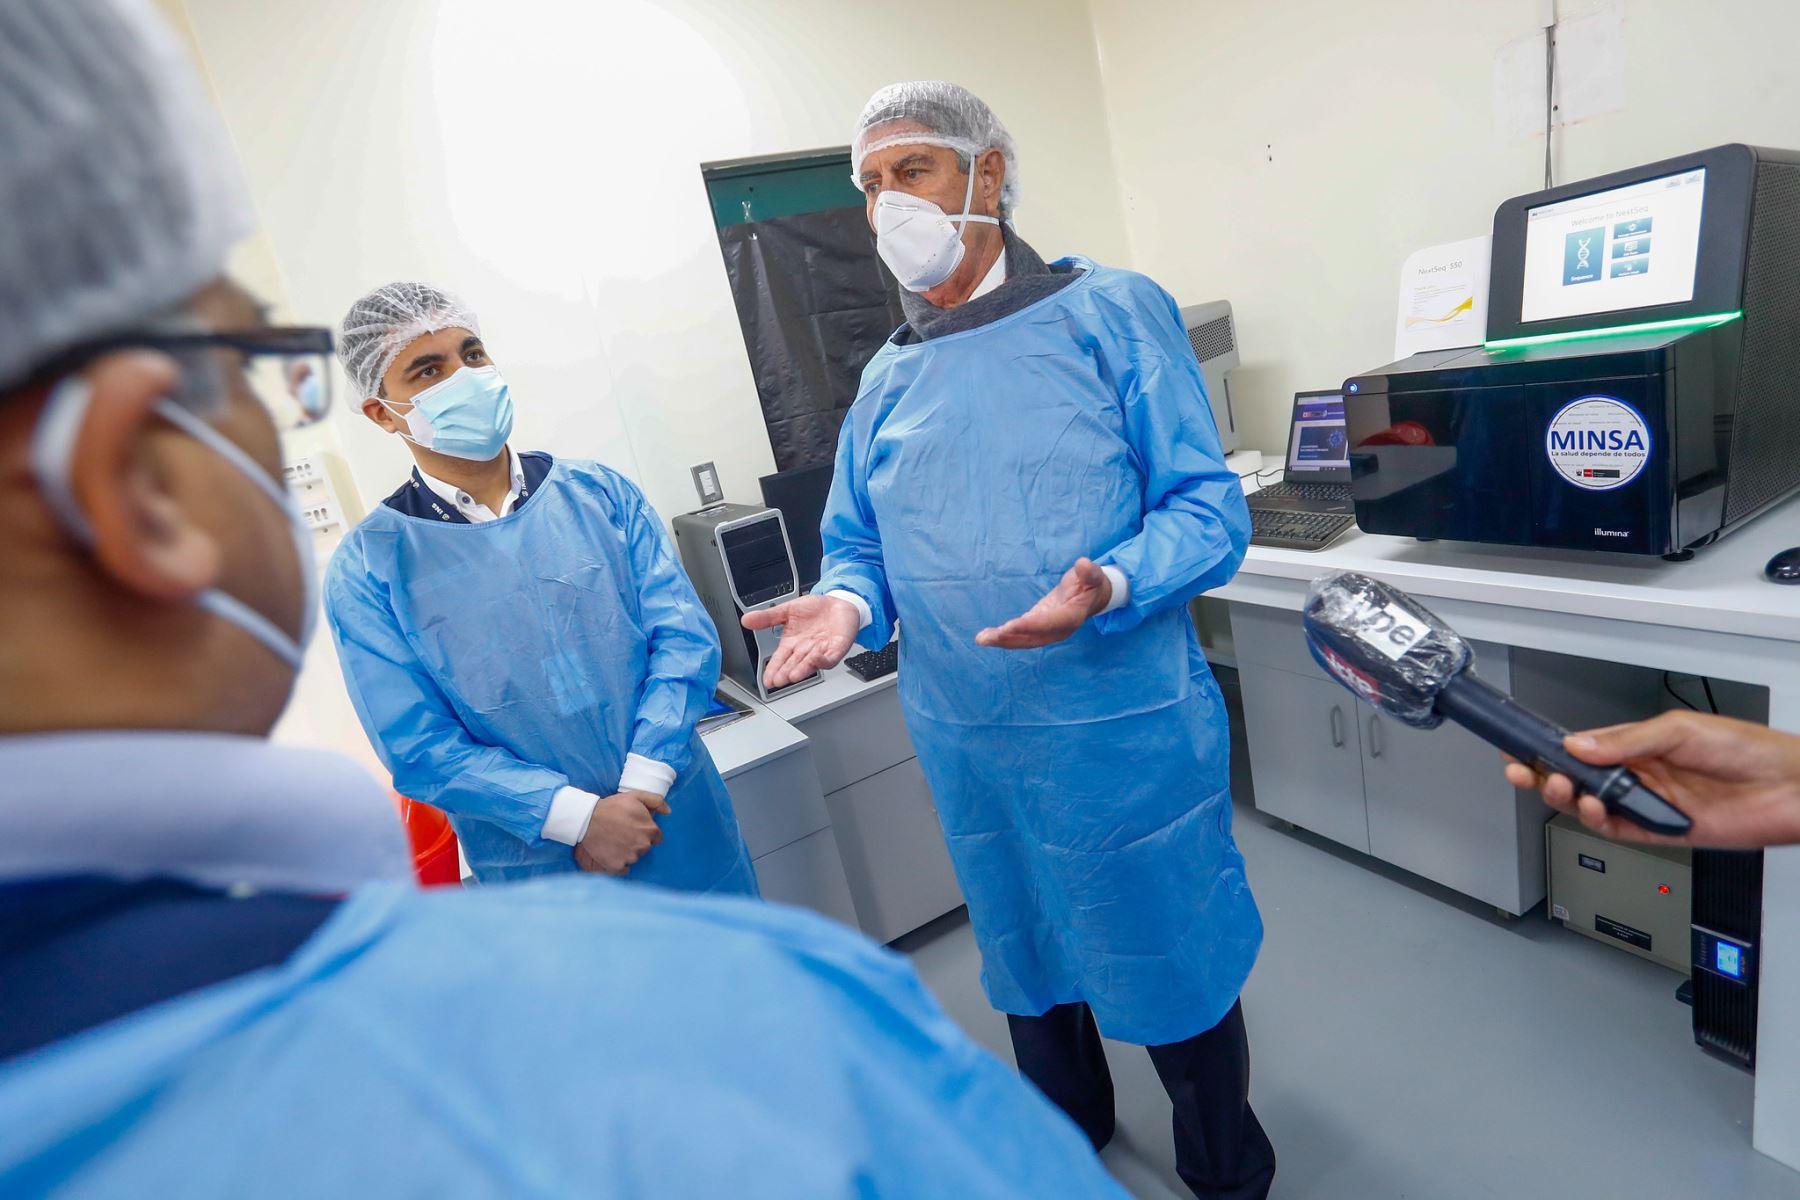 El presidente Francisco Sagasti visita el Laboratorio de Biomedicina del Instituto Nacional de Salud, acompañado por el ministro de Salud, Óscar Ugarte y el jefe del Instituto Nacional de Salud, Víctor Suarez Moreno. Foto: ANDINA/Prensa Presidencia